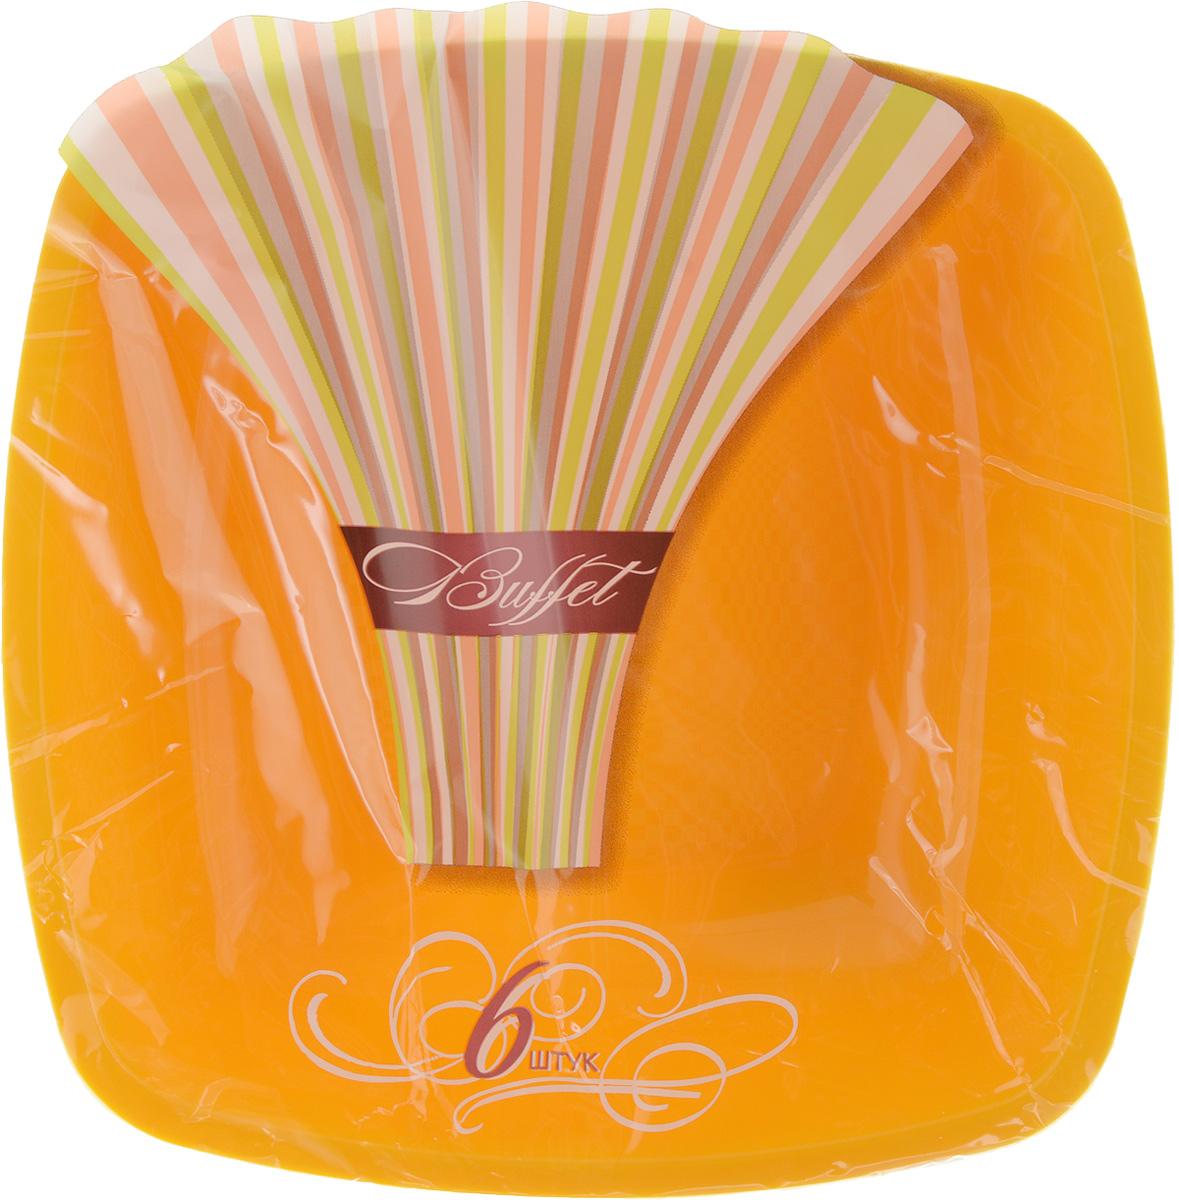 Набор одноразовых глубоких тарелок Buffet, цвет: желтый, 18 х 18 см, 6 шт183893/_желтыйНабор Buffet состоит из 6 глубоких тарелок, выполненных из полипропилена и предназначенных для одноразового использования. Такие тарелки подходят для пищевых продуктов и будут незаменимы при поездках на природу, пикниках и других мероприятиях. Они не займут много места, легки и самое главное - после использования их не надо мыть. Размер тарелки: 18 х 18 см. Высота тарелки: 4 см.